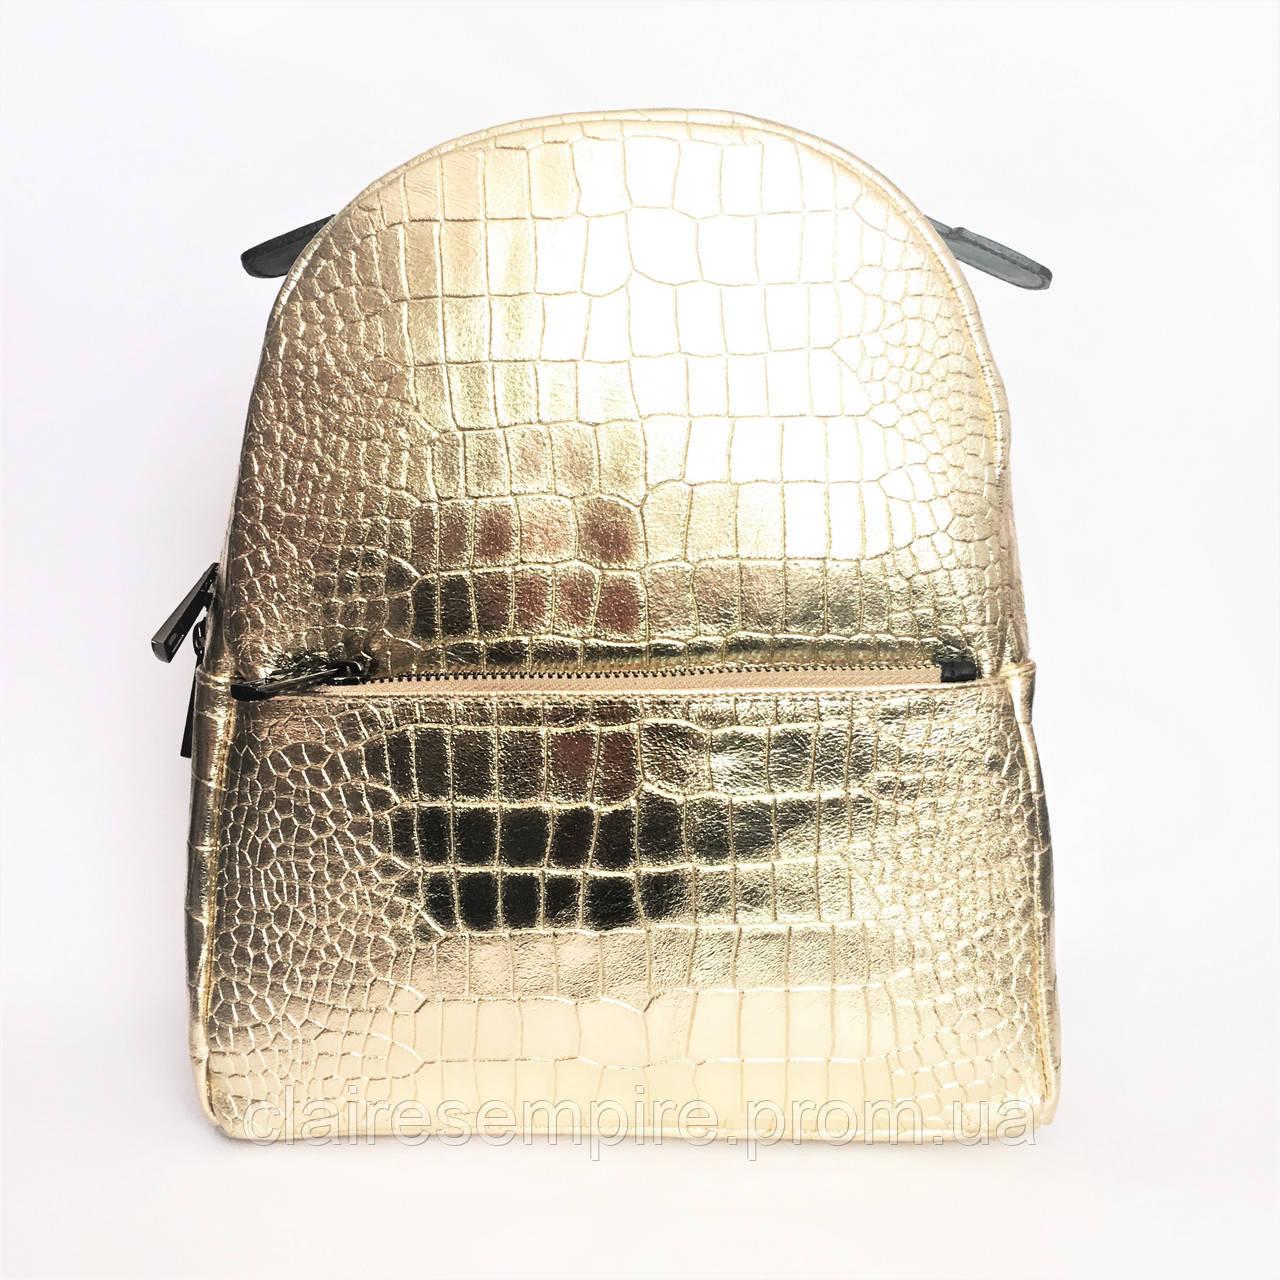 Рюкзак кожаный, Италия, gold